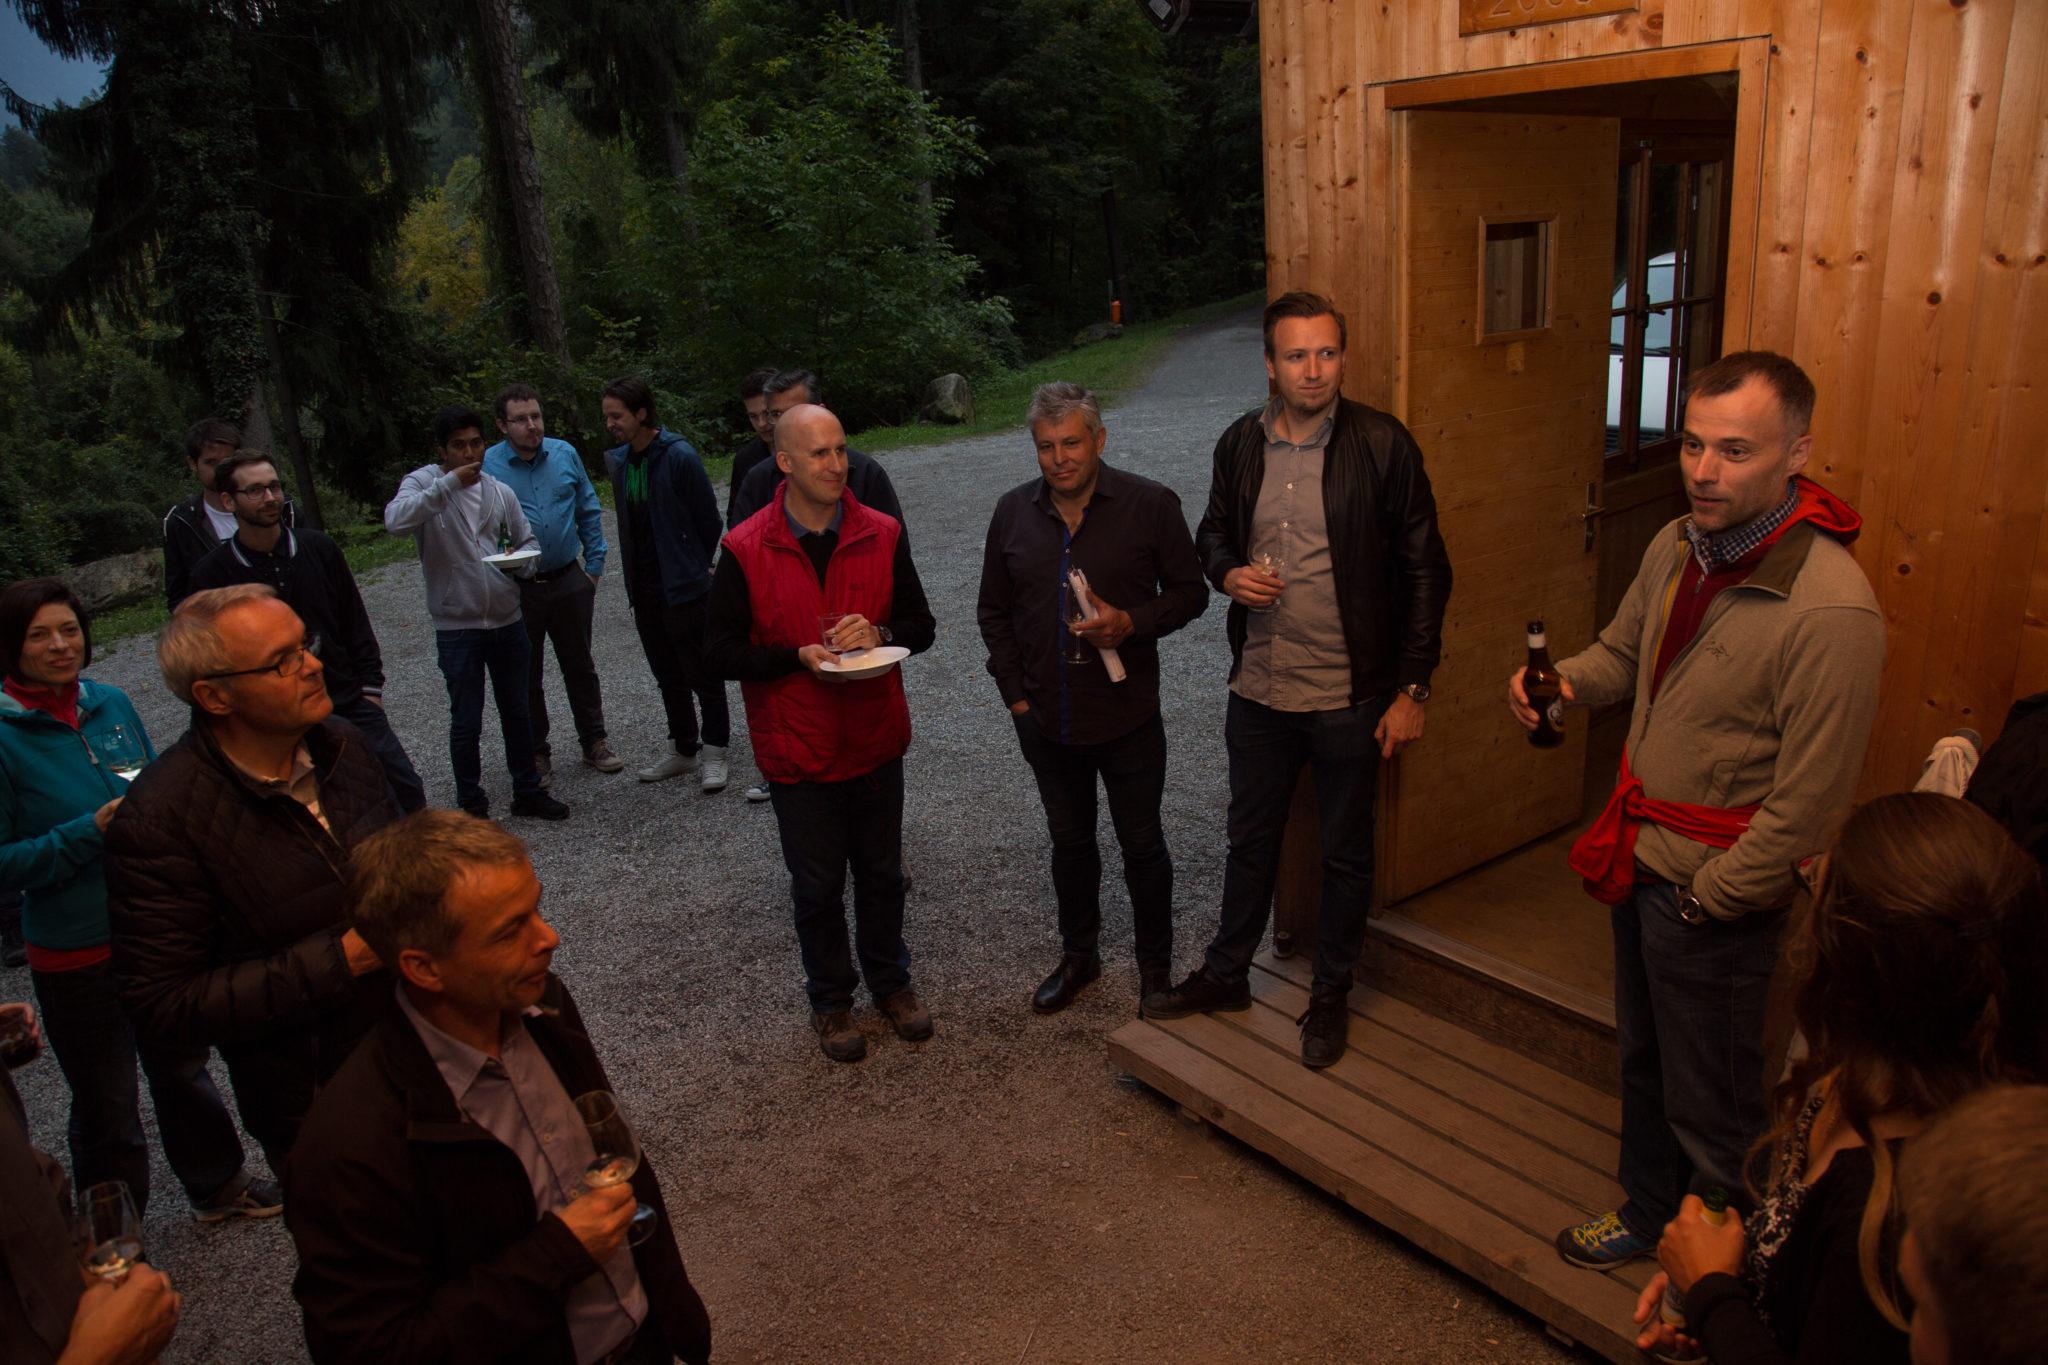 Apéro In Der Waldhütte